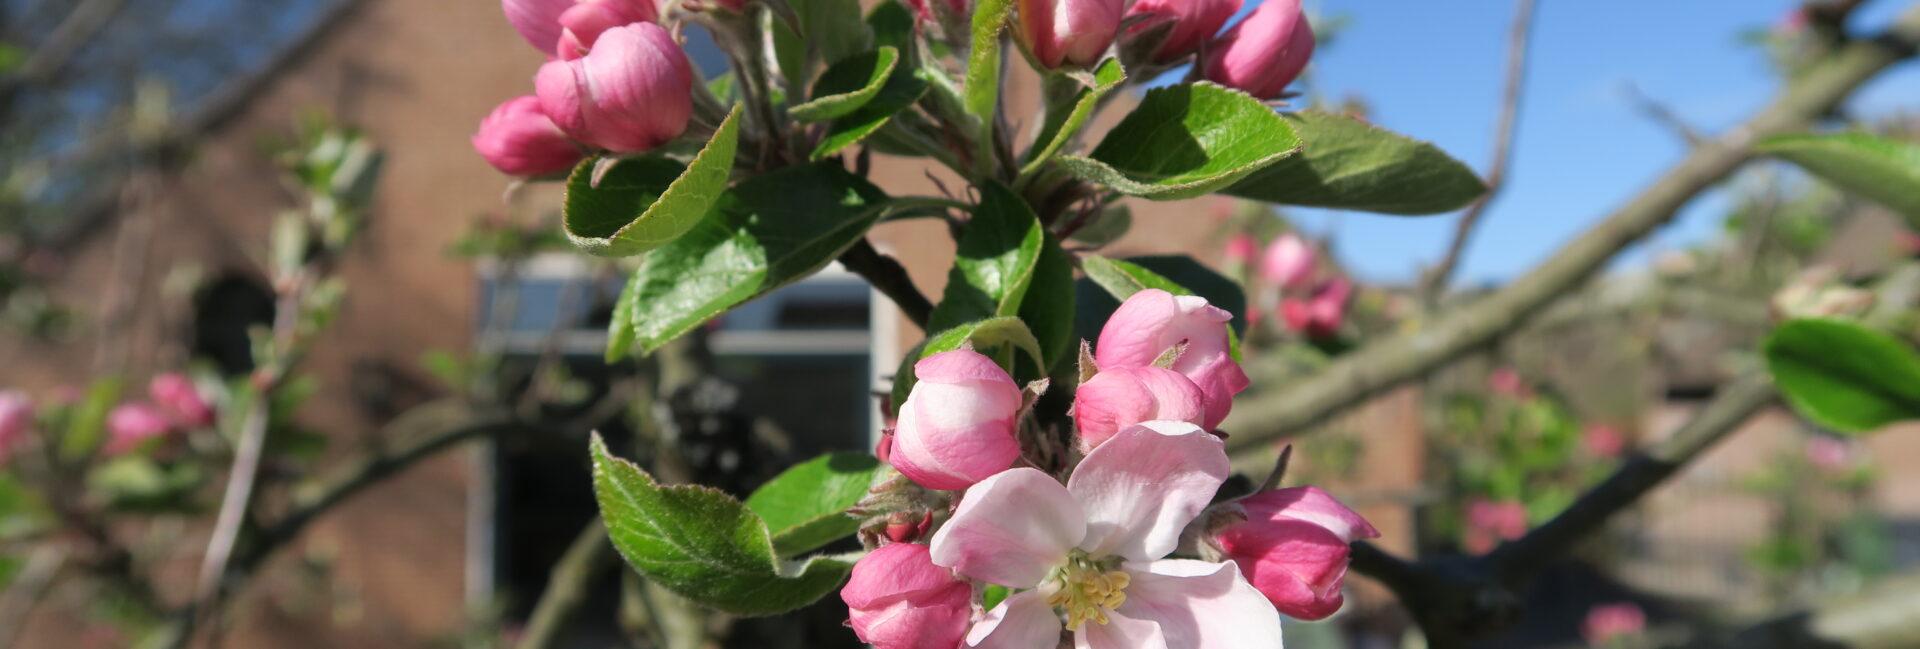 uitzicht op de fruitbomen in bloesem hendrikshoeve loosdrecht